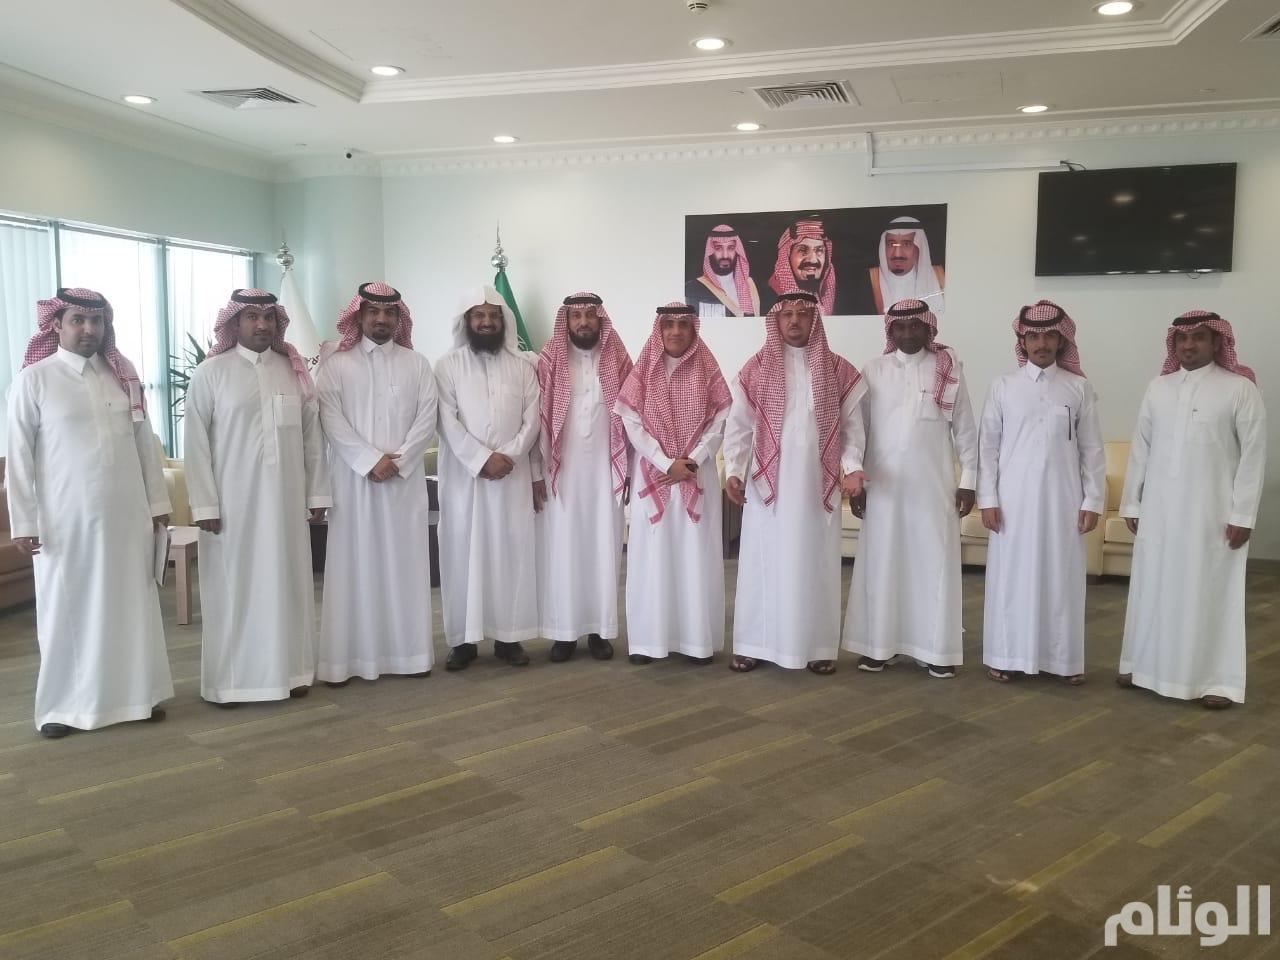 تخصصات جديدة في جامعة حفر الباطن صحيفة الوئام الالكترونية